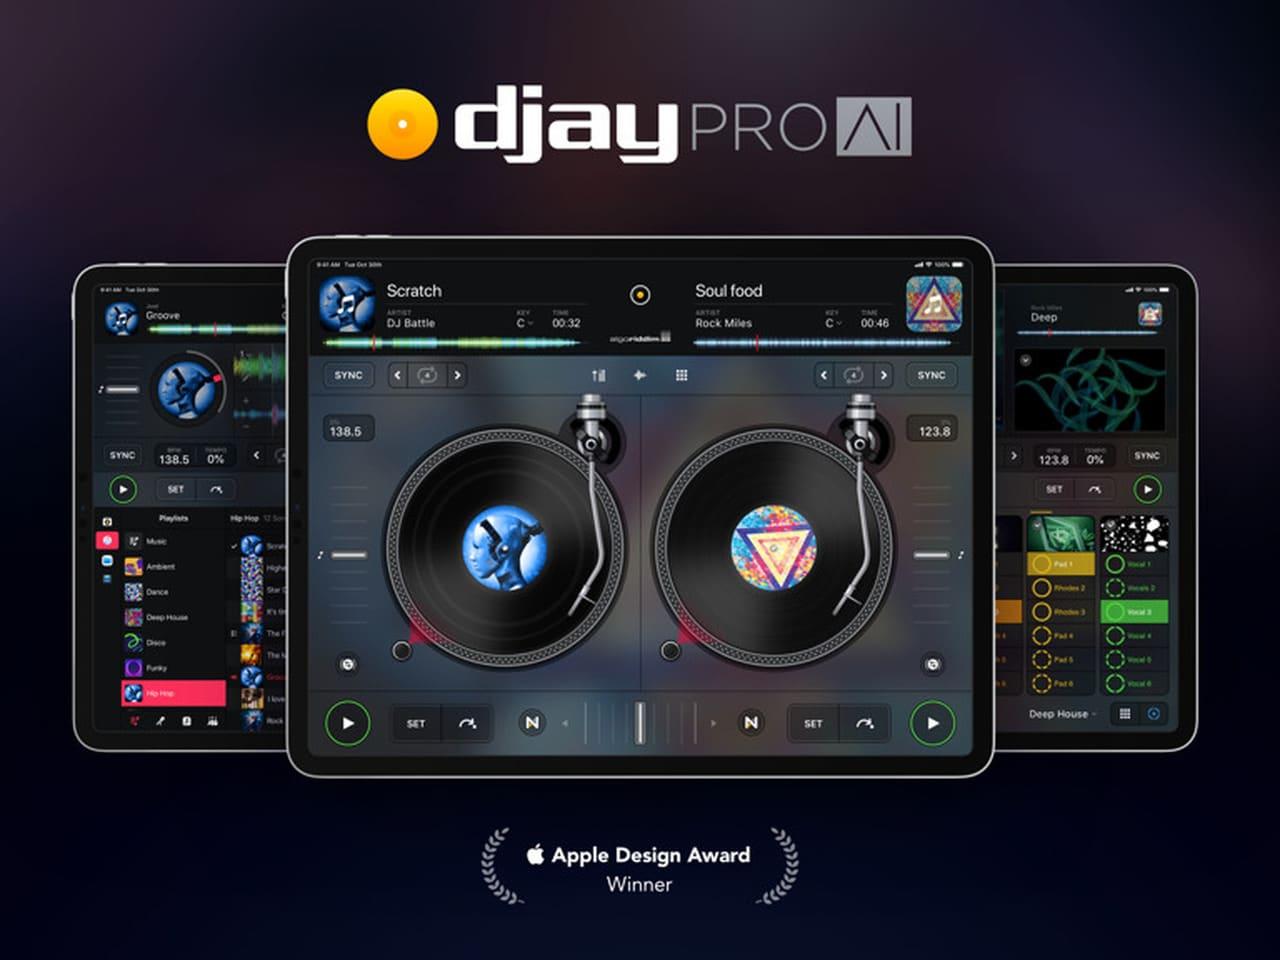 phần mềm dj điện thoại djaypro